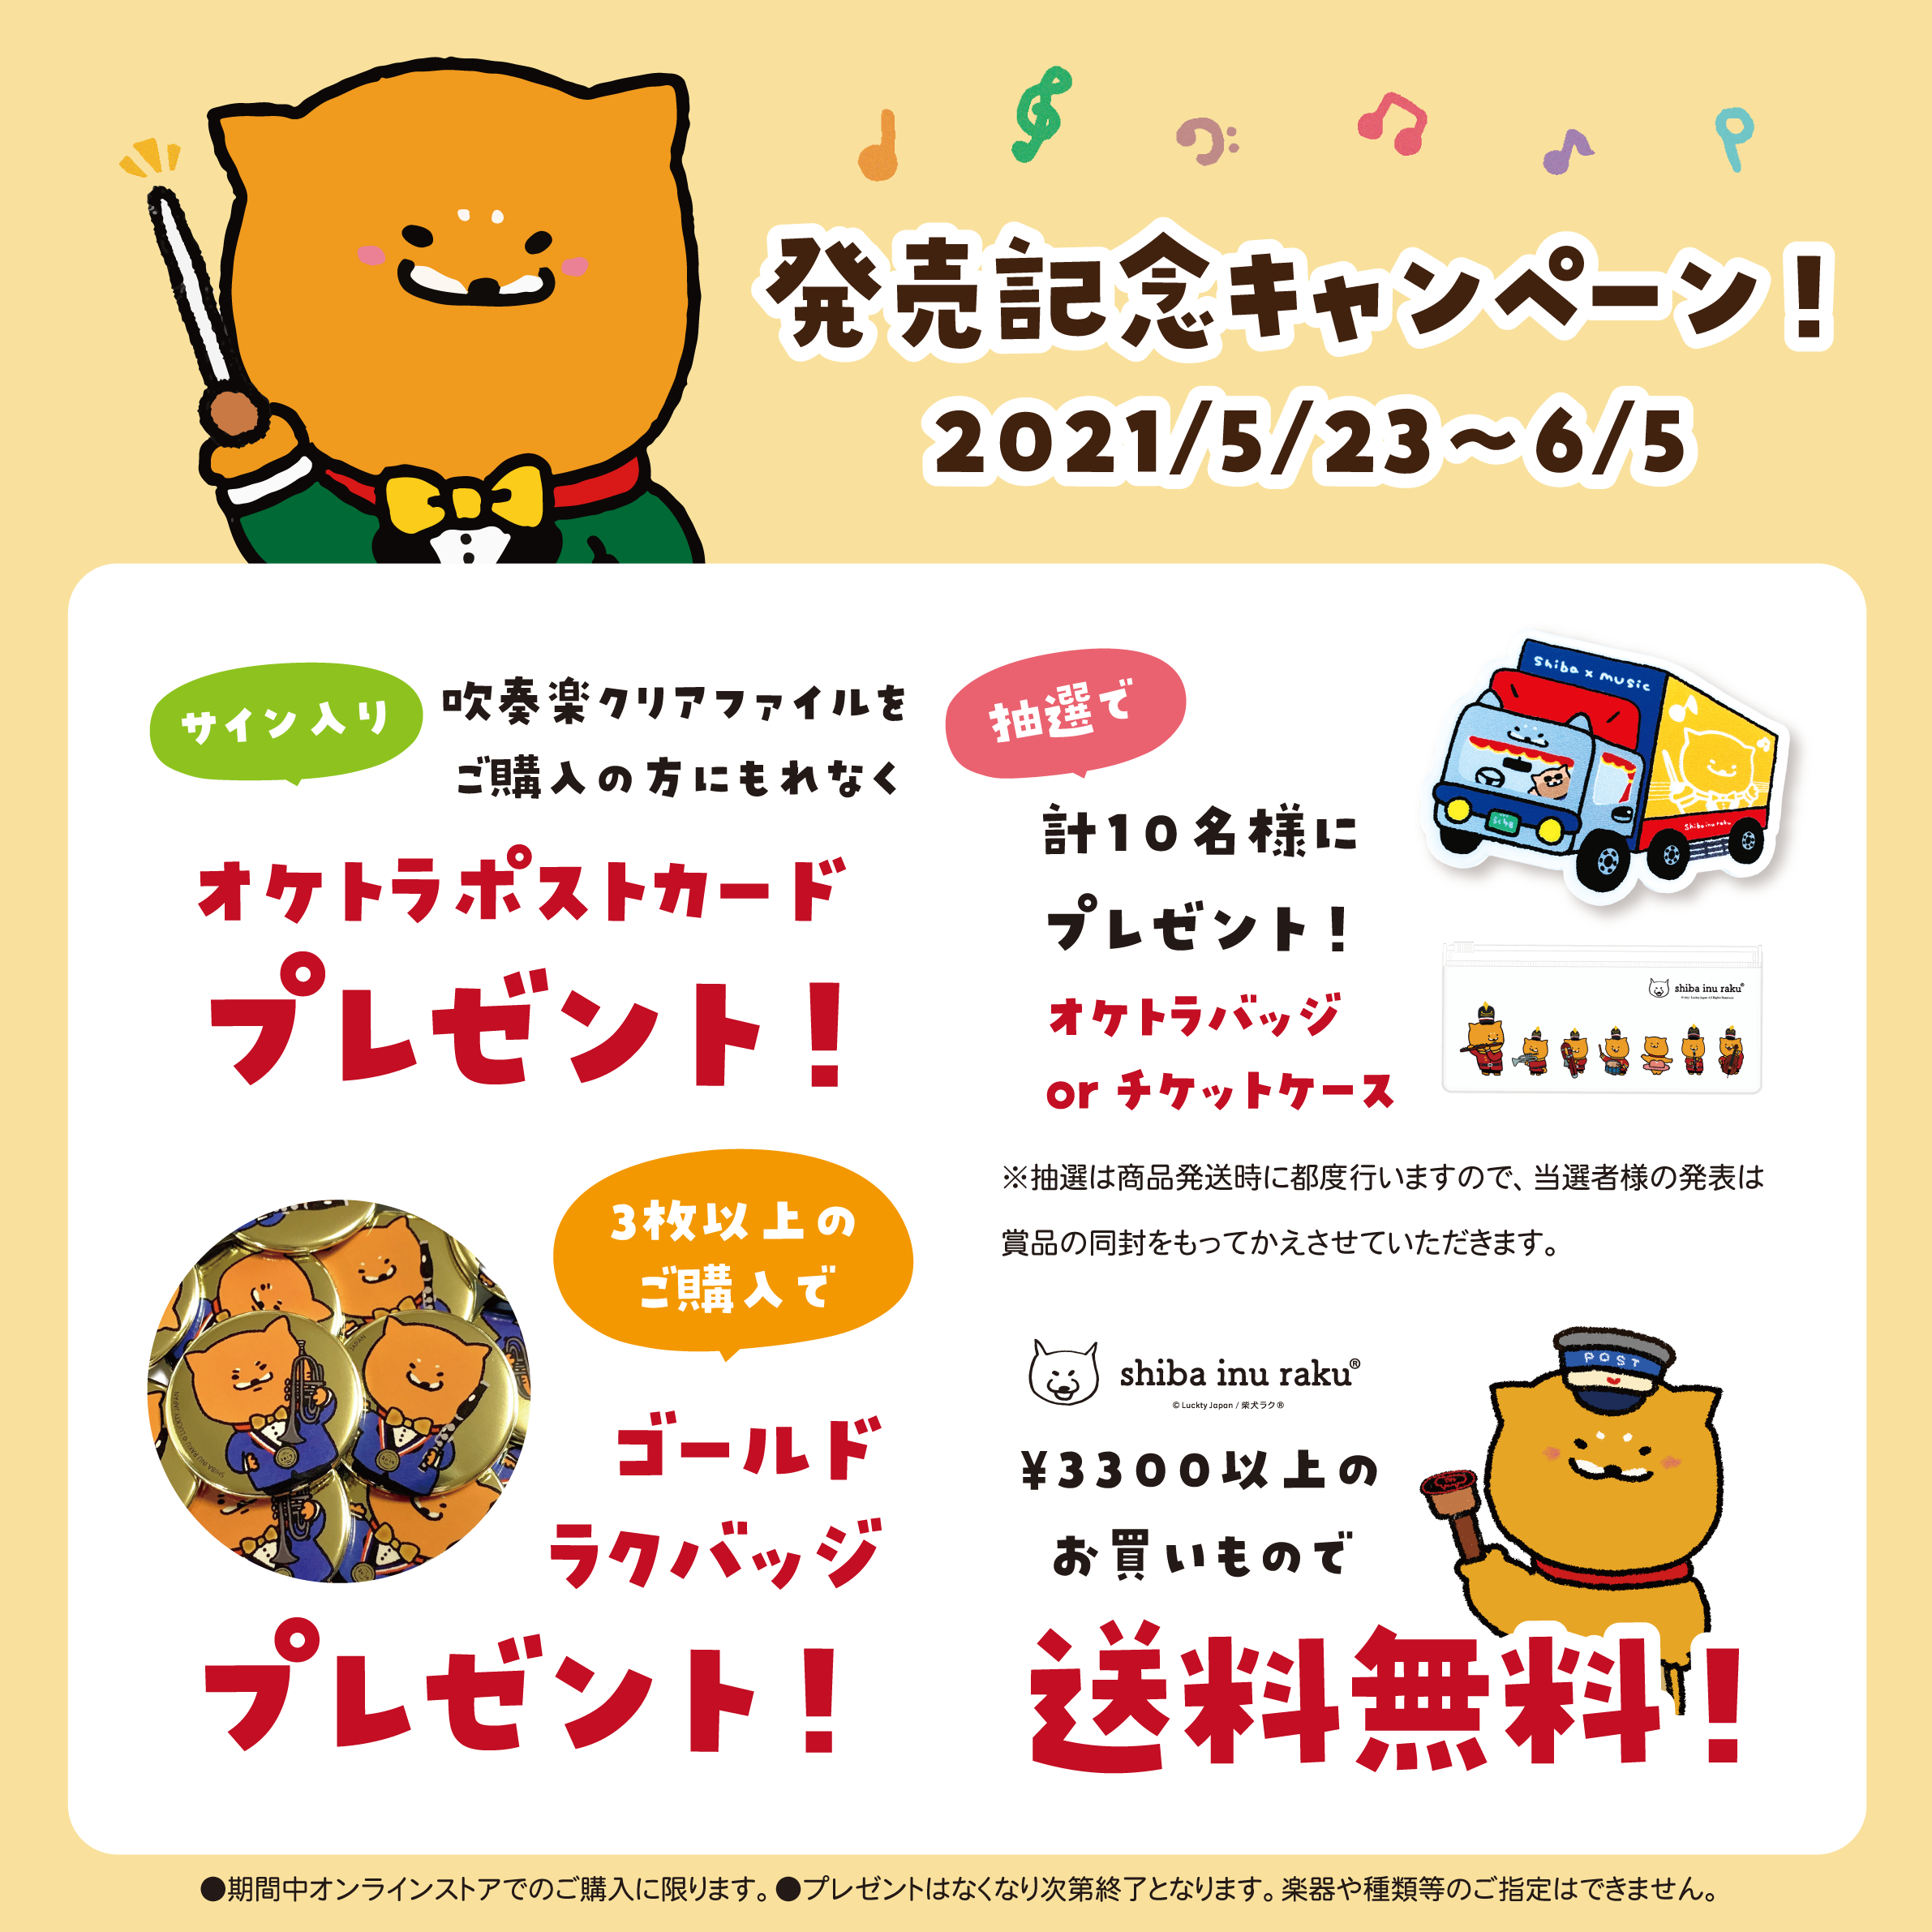 クリアファイル発売記念キャンペーン(5/23~6/5)